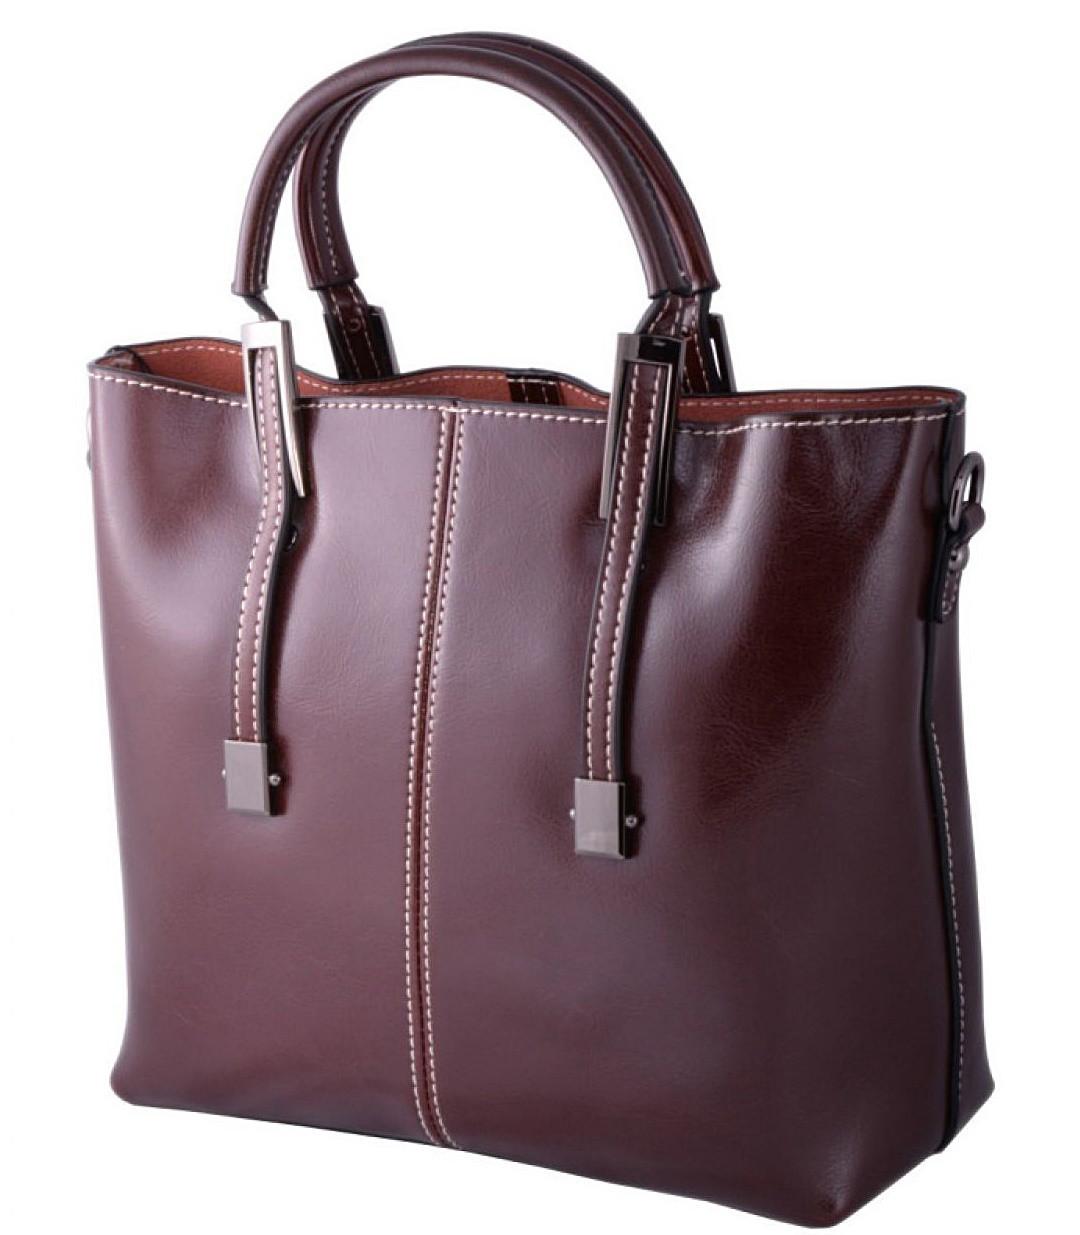 6e64d57747dd Купить Женская кожаная сумка 872 коричневый купить кожаную женскую ...